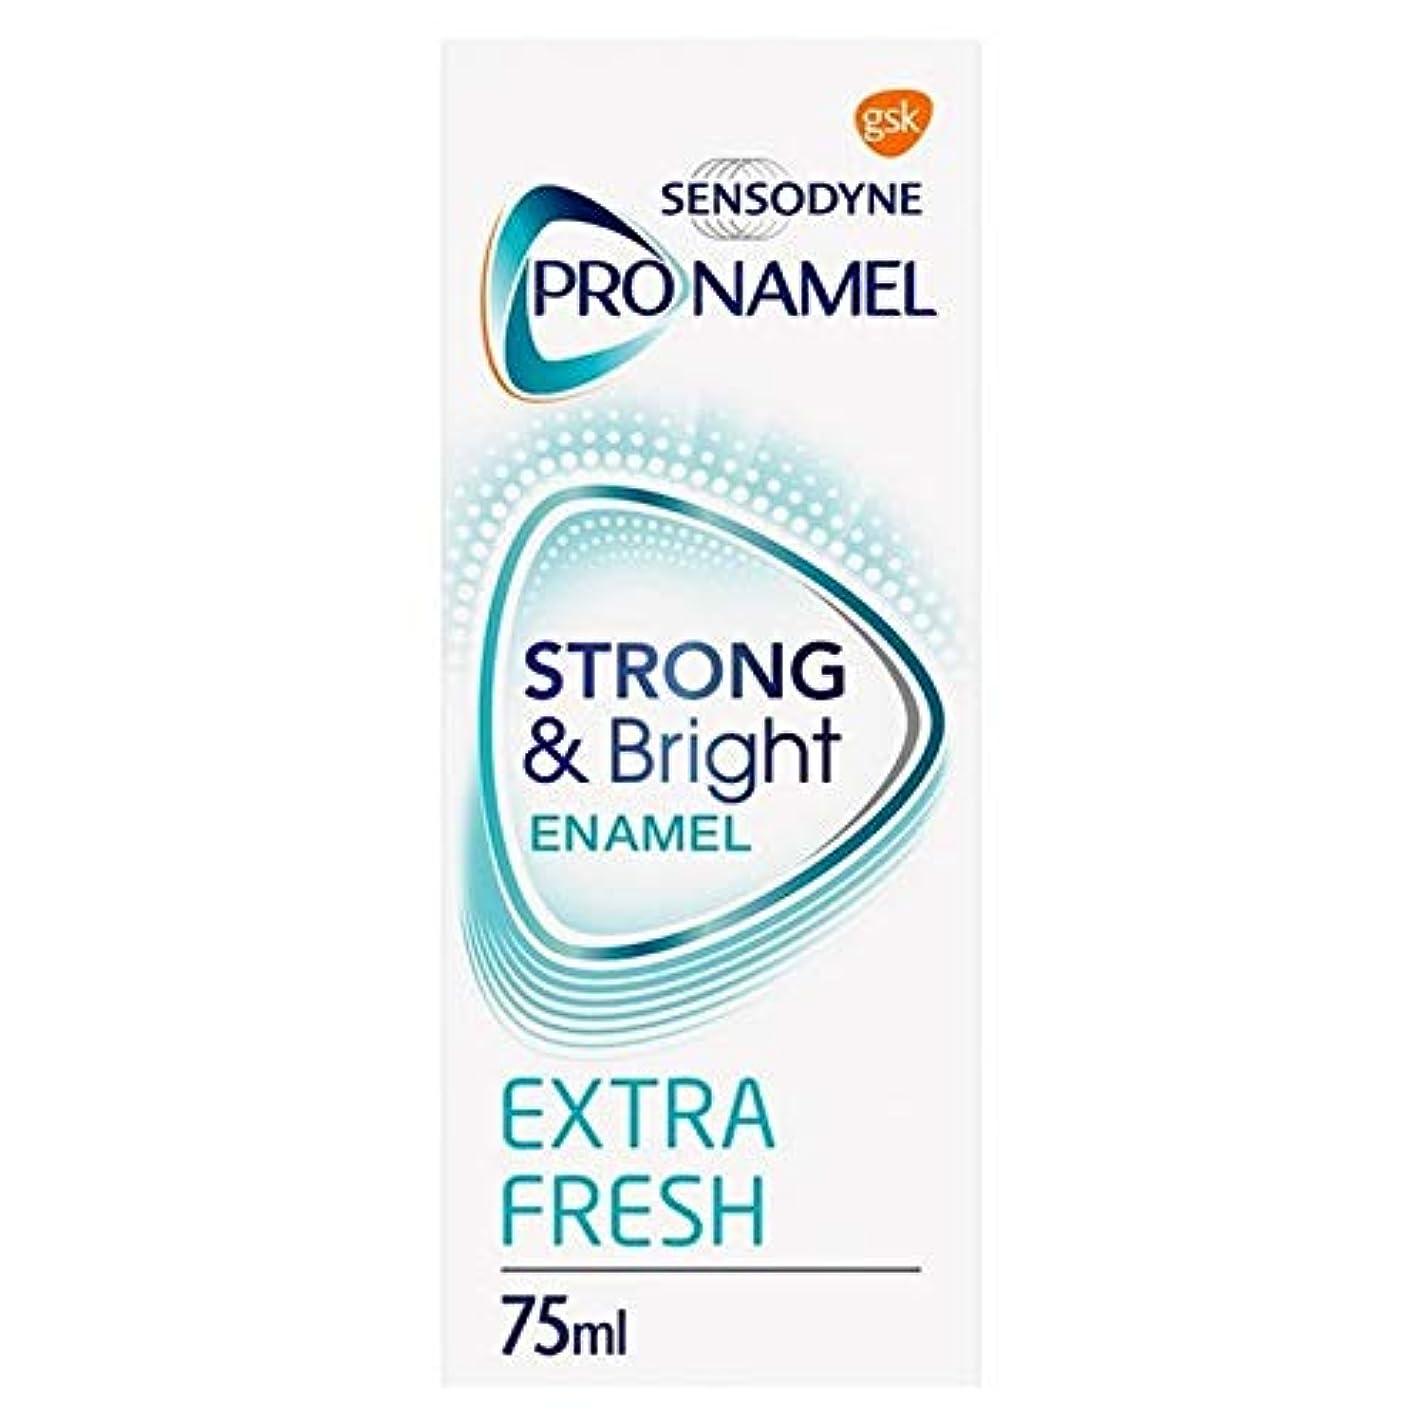 下る仕事に行くラジカル[Sensodyne] SensodyneのPronamel強い&ブライト歯磨き粉75ミリリットル - Sensodyne Pronamel Strong & Bright Toothpaste 75ml [並行輸入品]